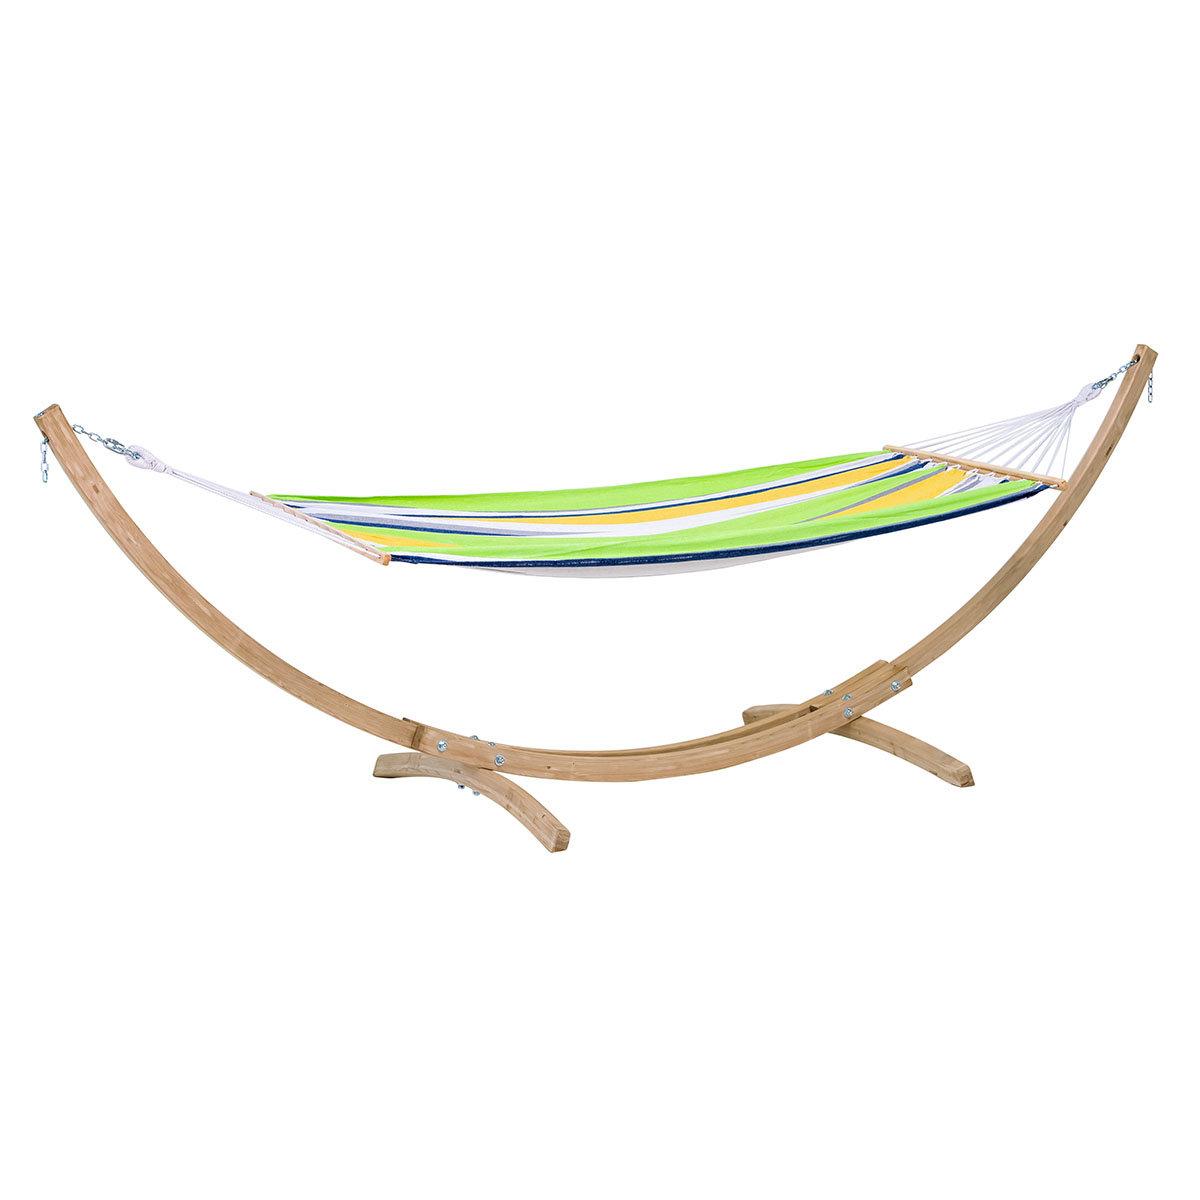 Hängematte Paradies Kolibri mit Gestell, 310x80 cm